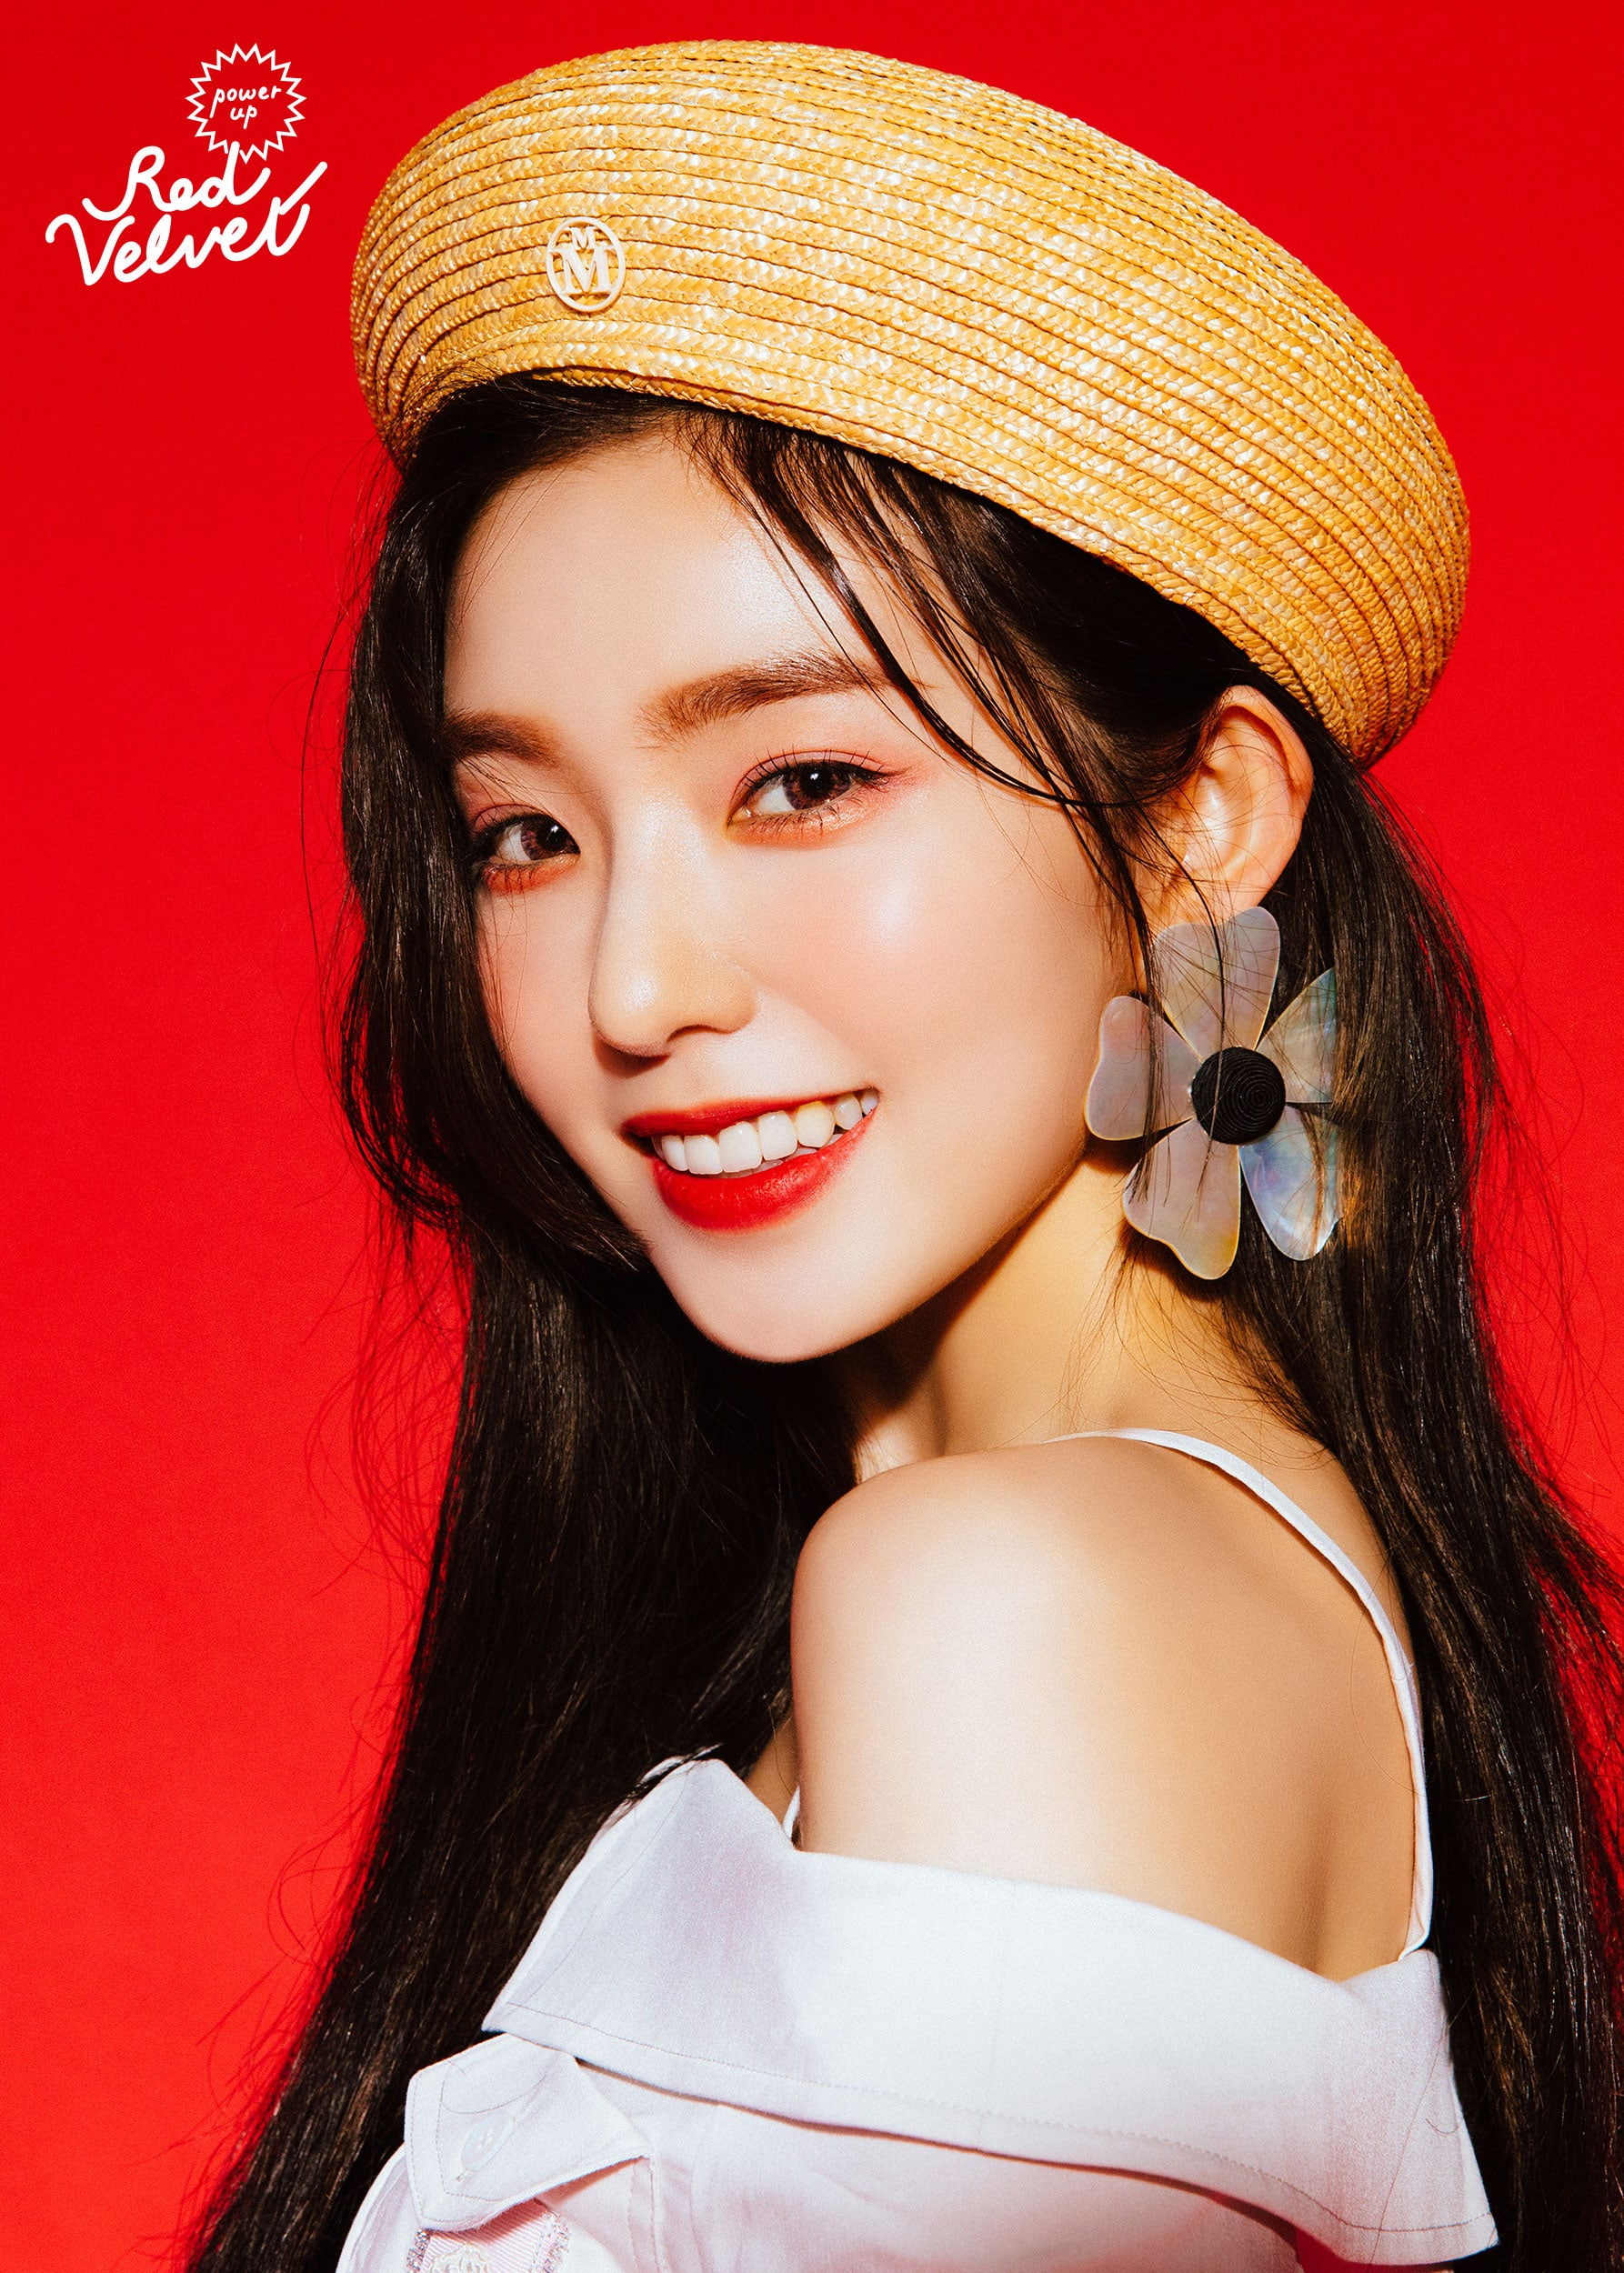 Red Velvet Bilder Irene S Teaser Image For Summer Magic Hd